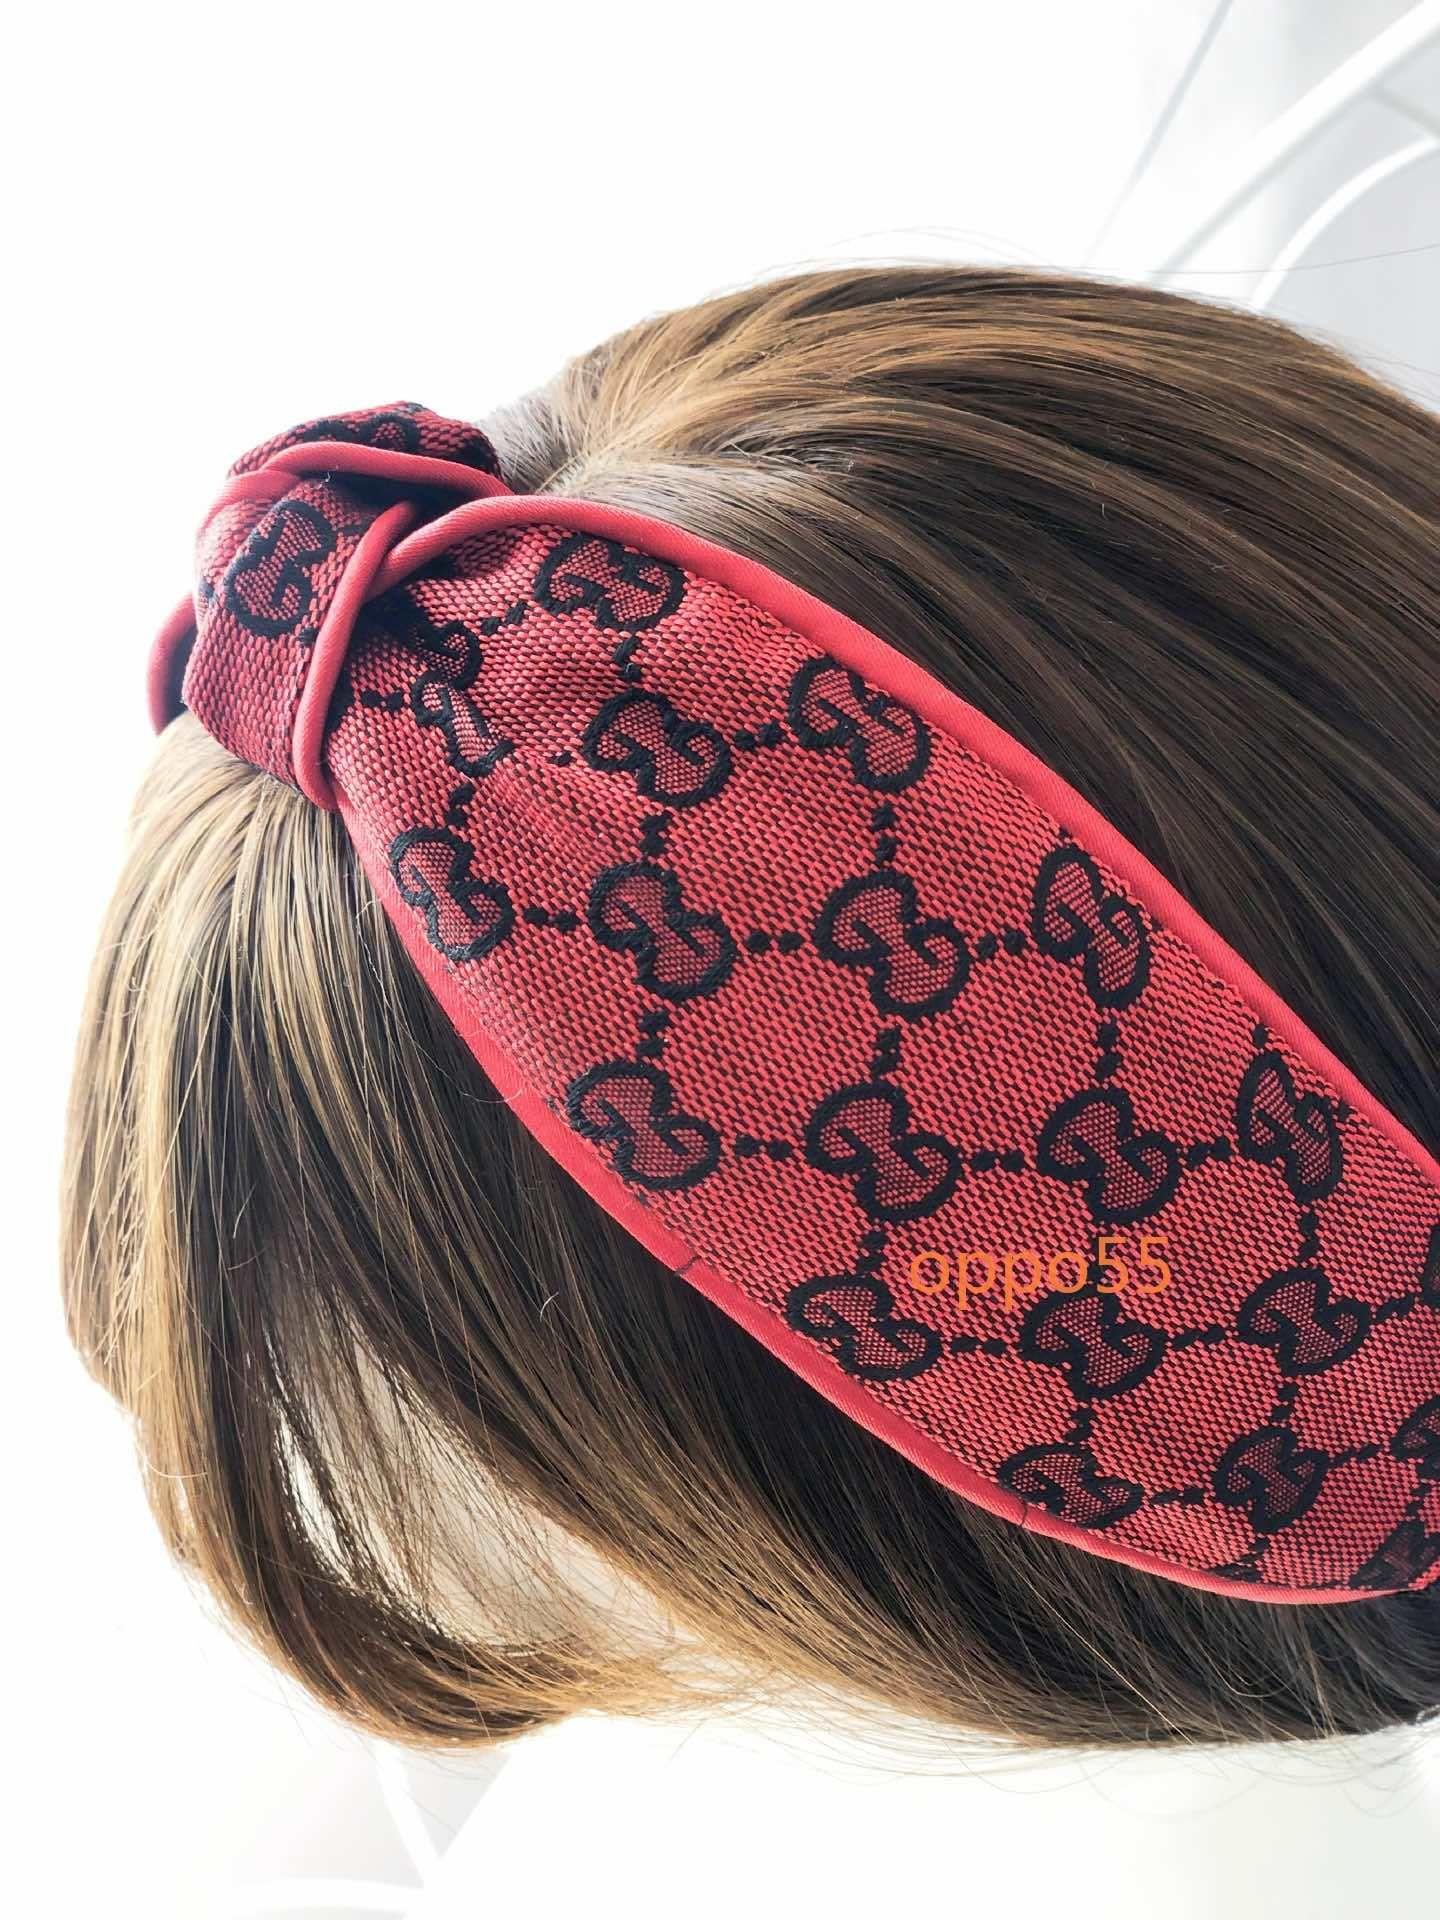 2020 die beliebtesten hochwertigen Damen Brief headwear Mode-Accessoires Marke top-Stil Geschenke LN06